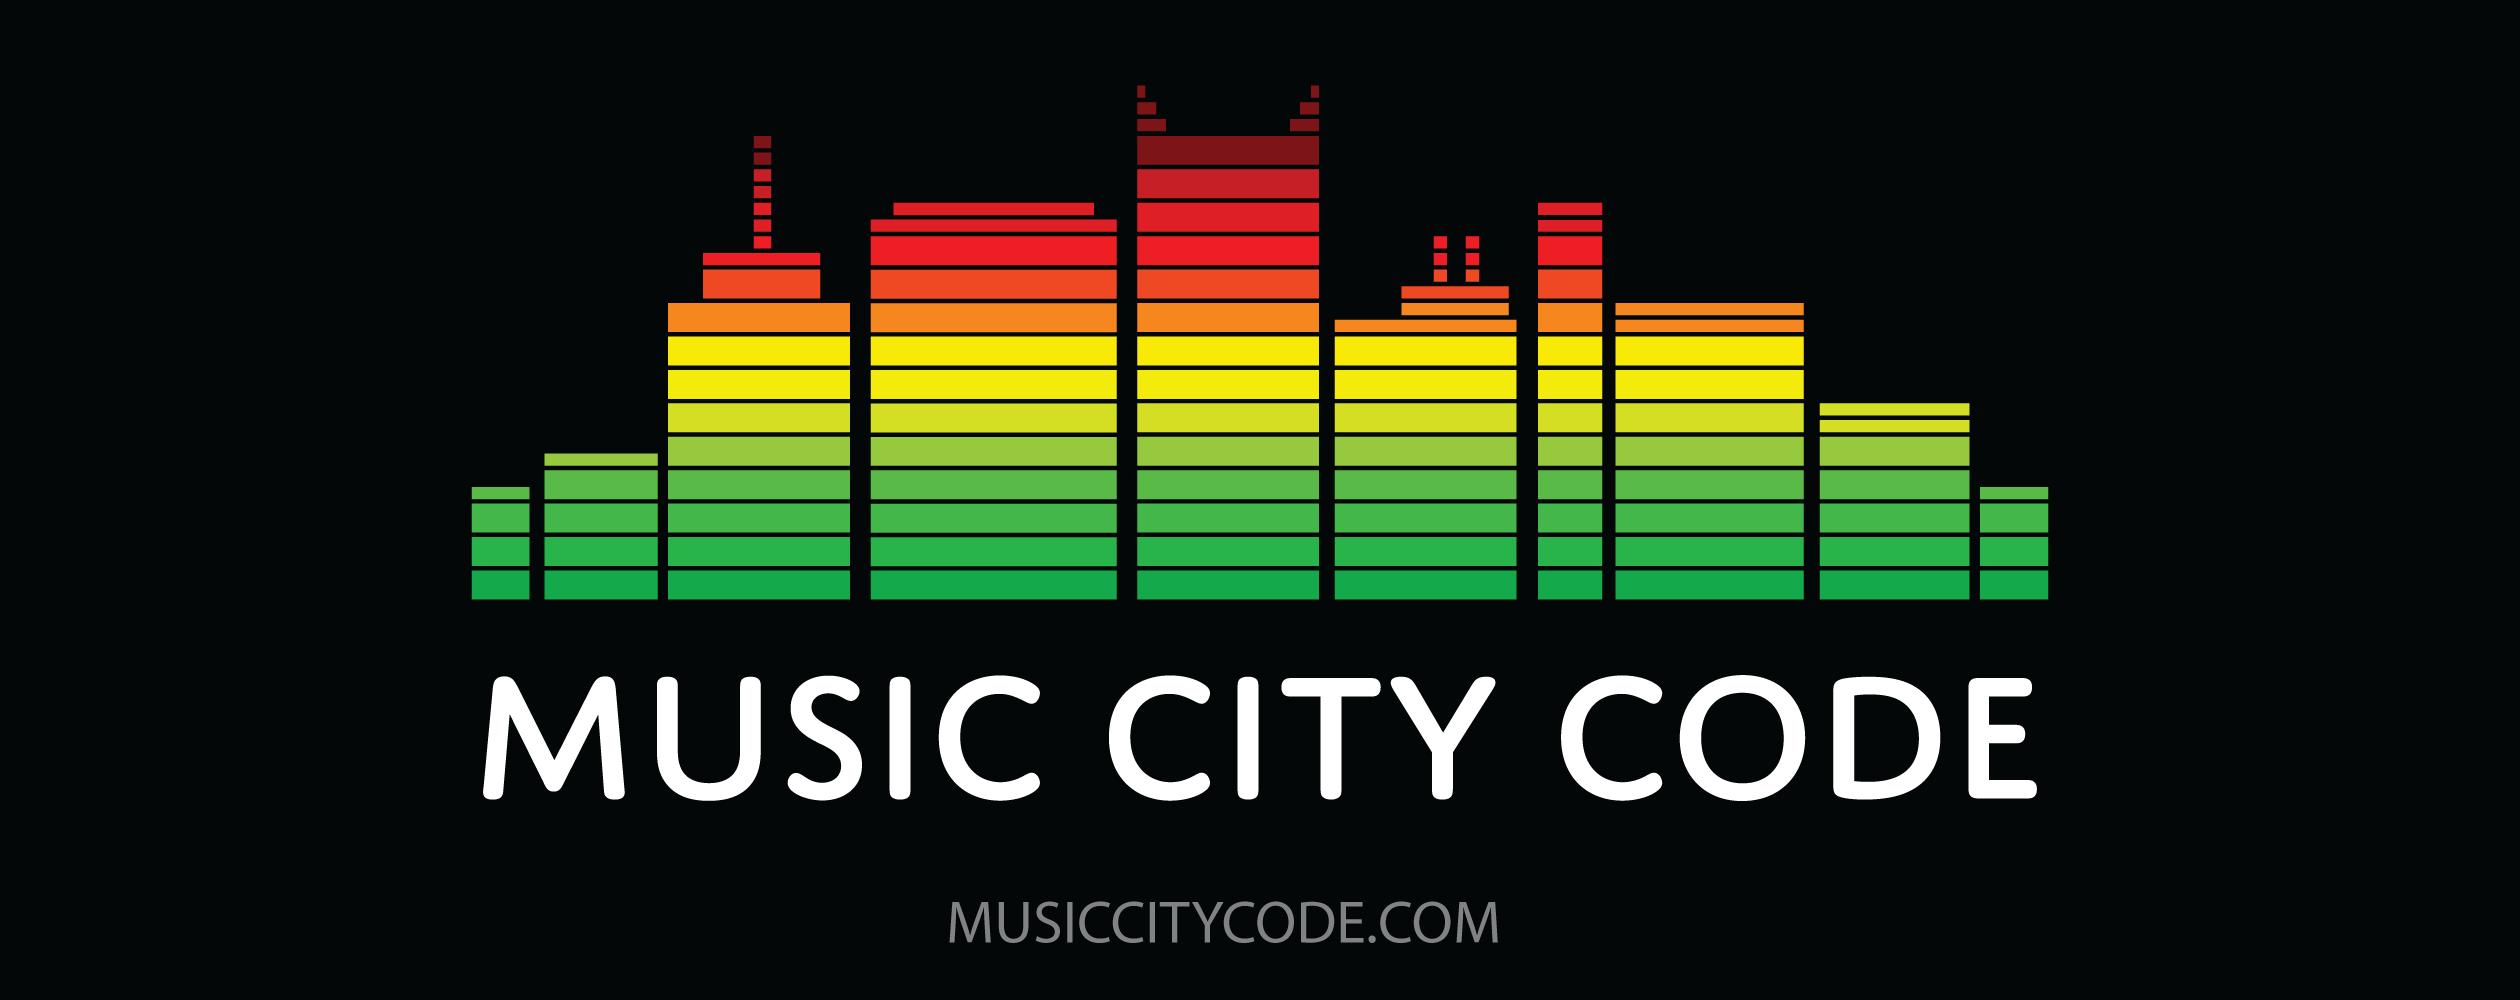 Music Cit Code